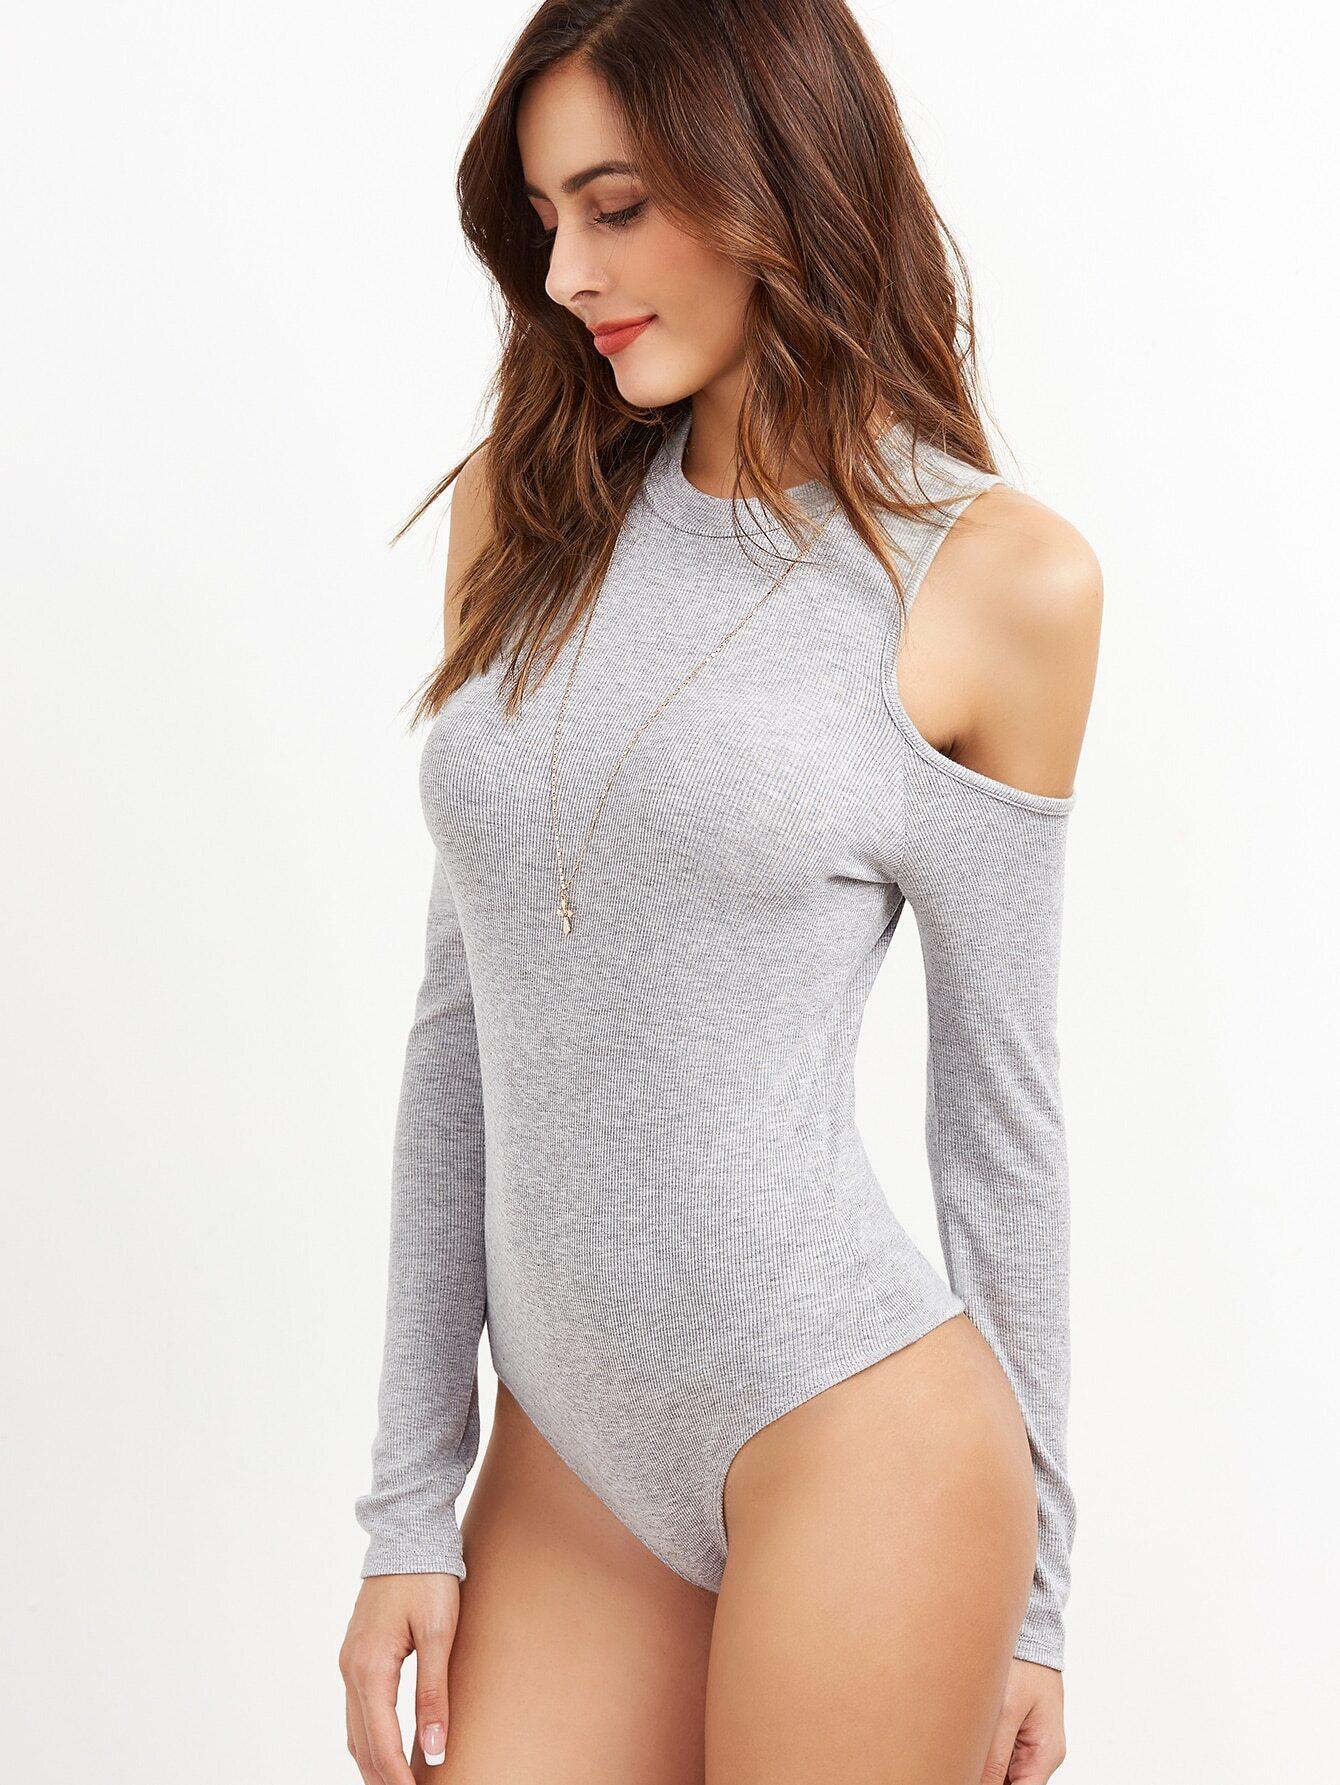 bodysuit161116450_2